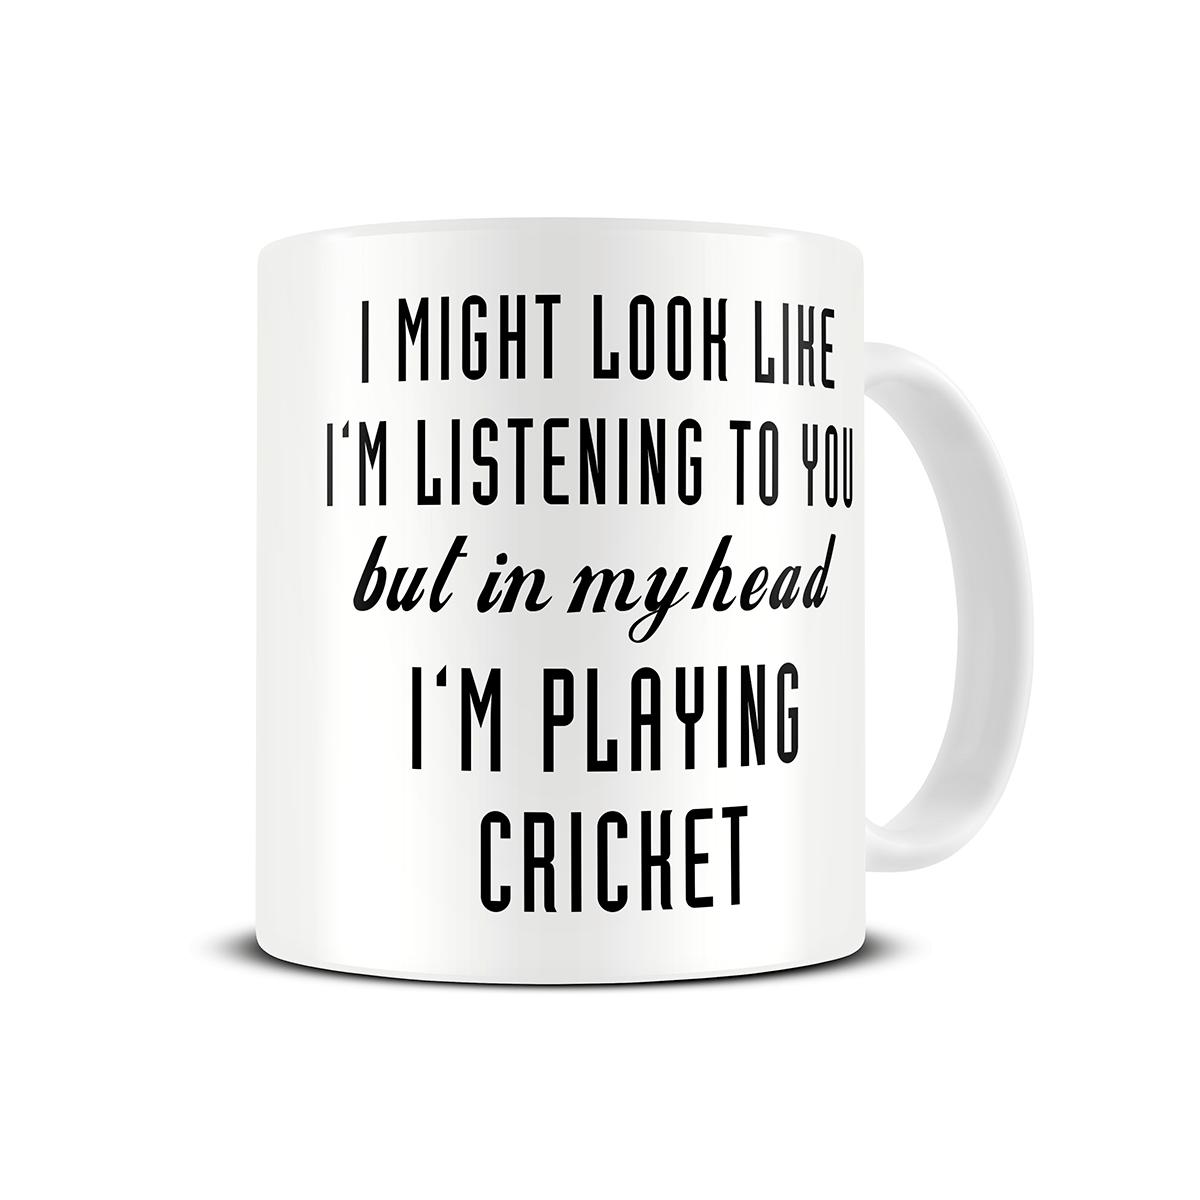 cricket-gifts-funny-cricket-mug